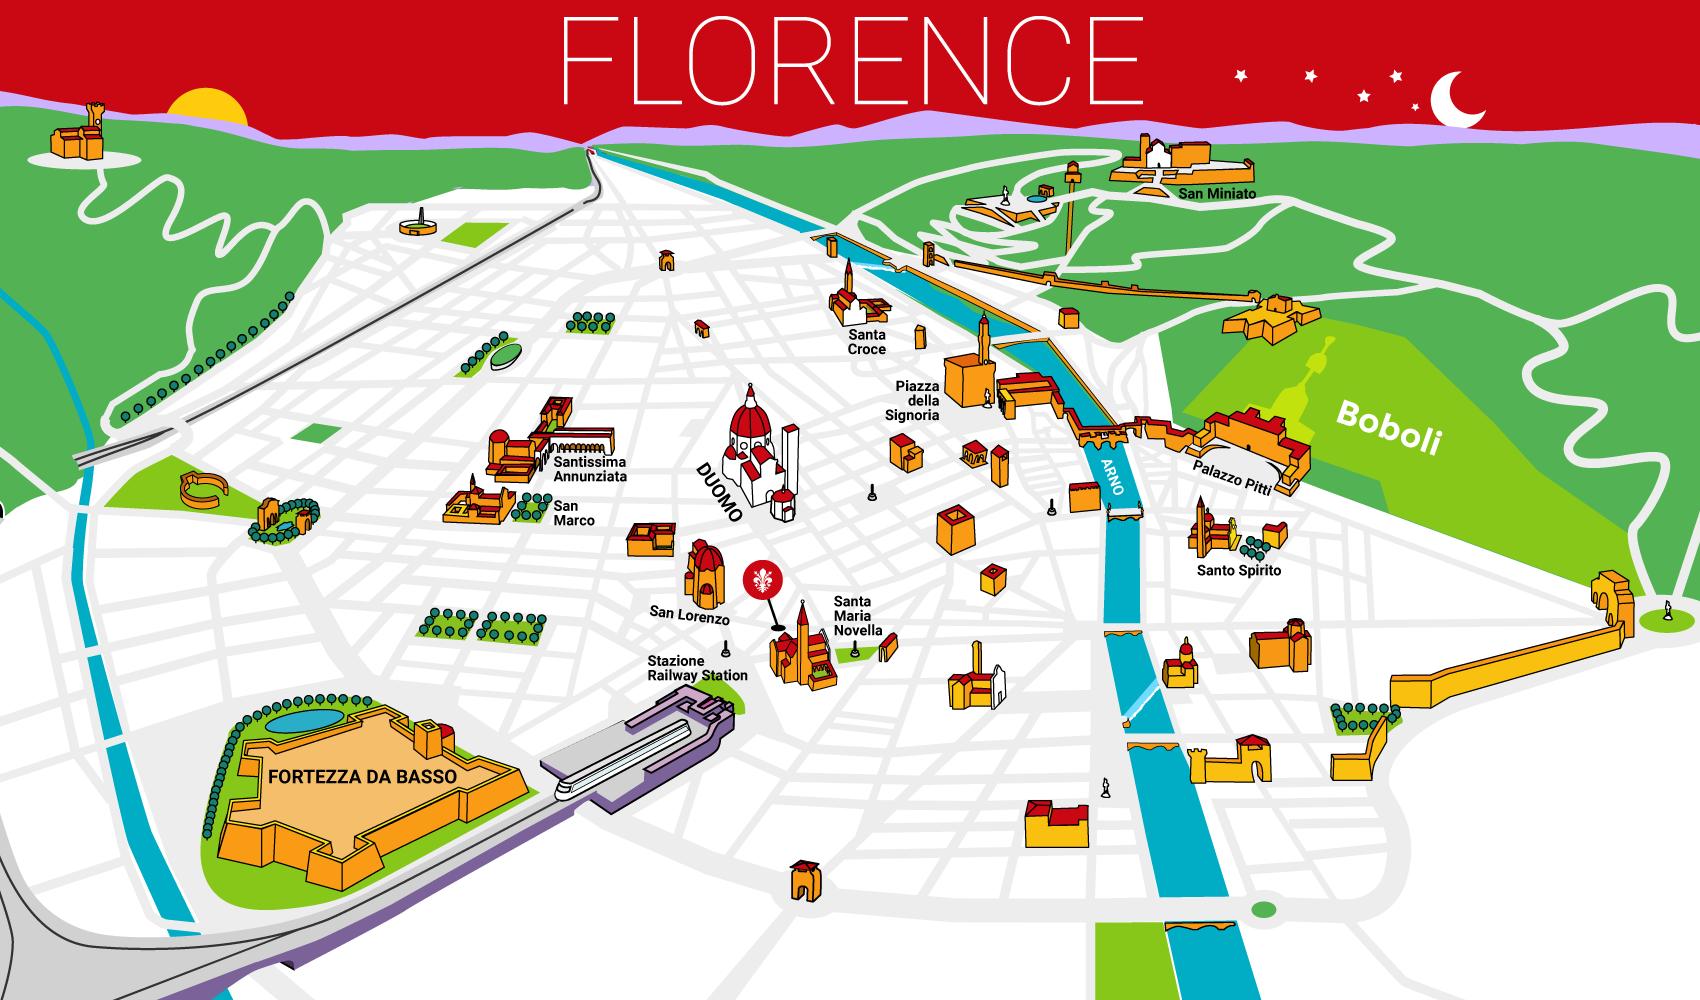 Ristorante Firenze Centro Storico - Mappa Giglio Rosso